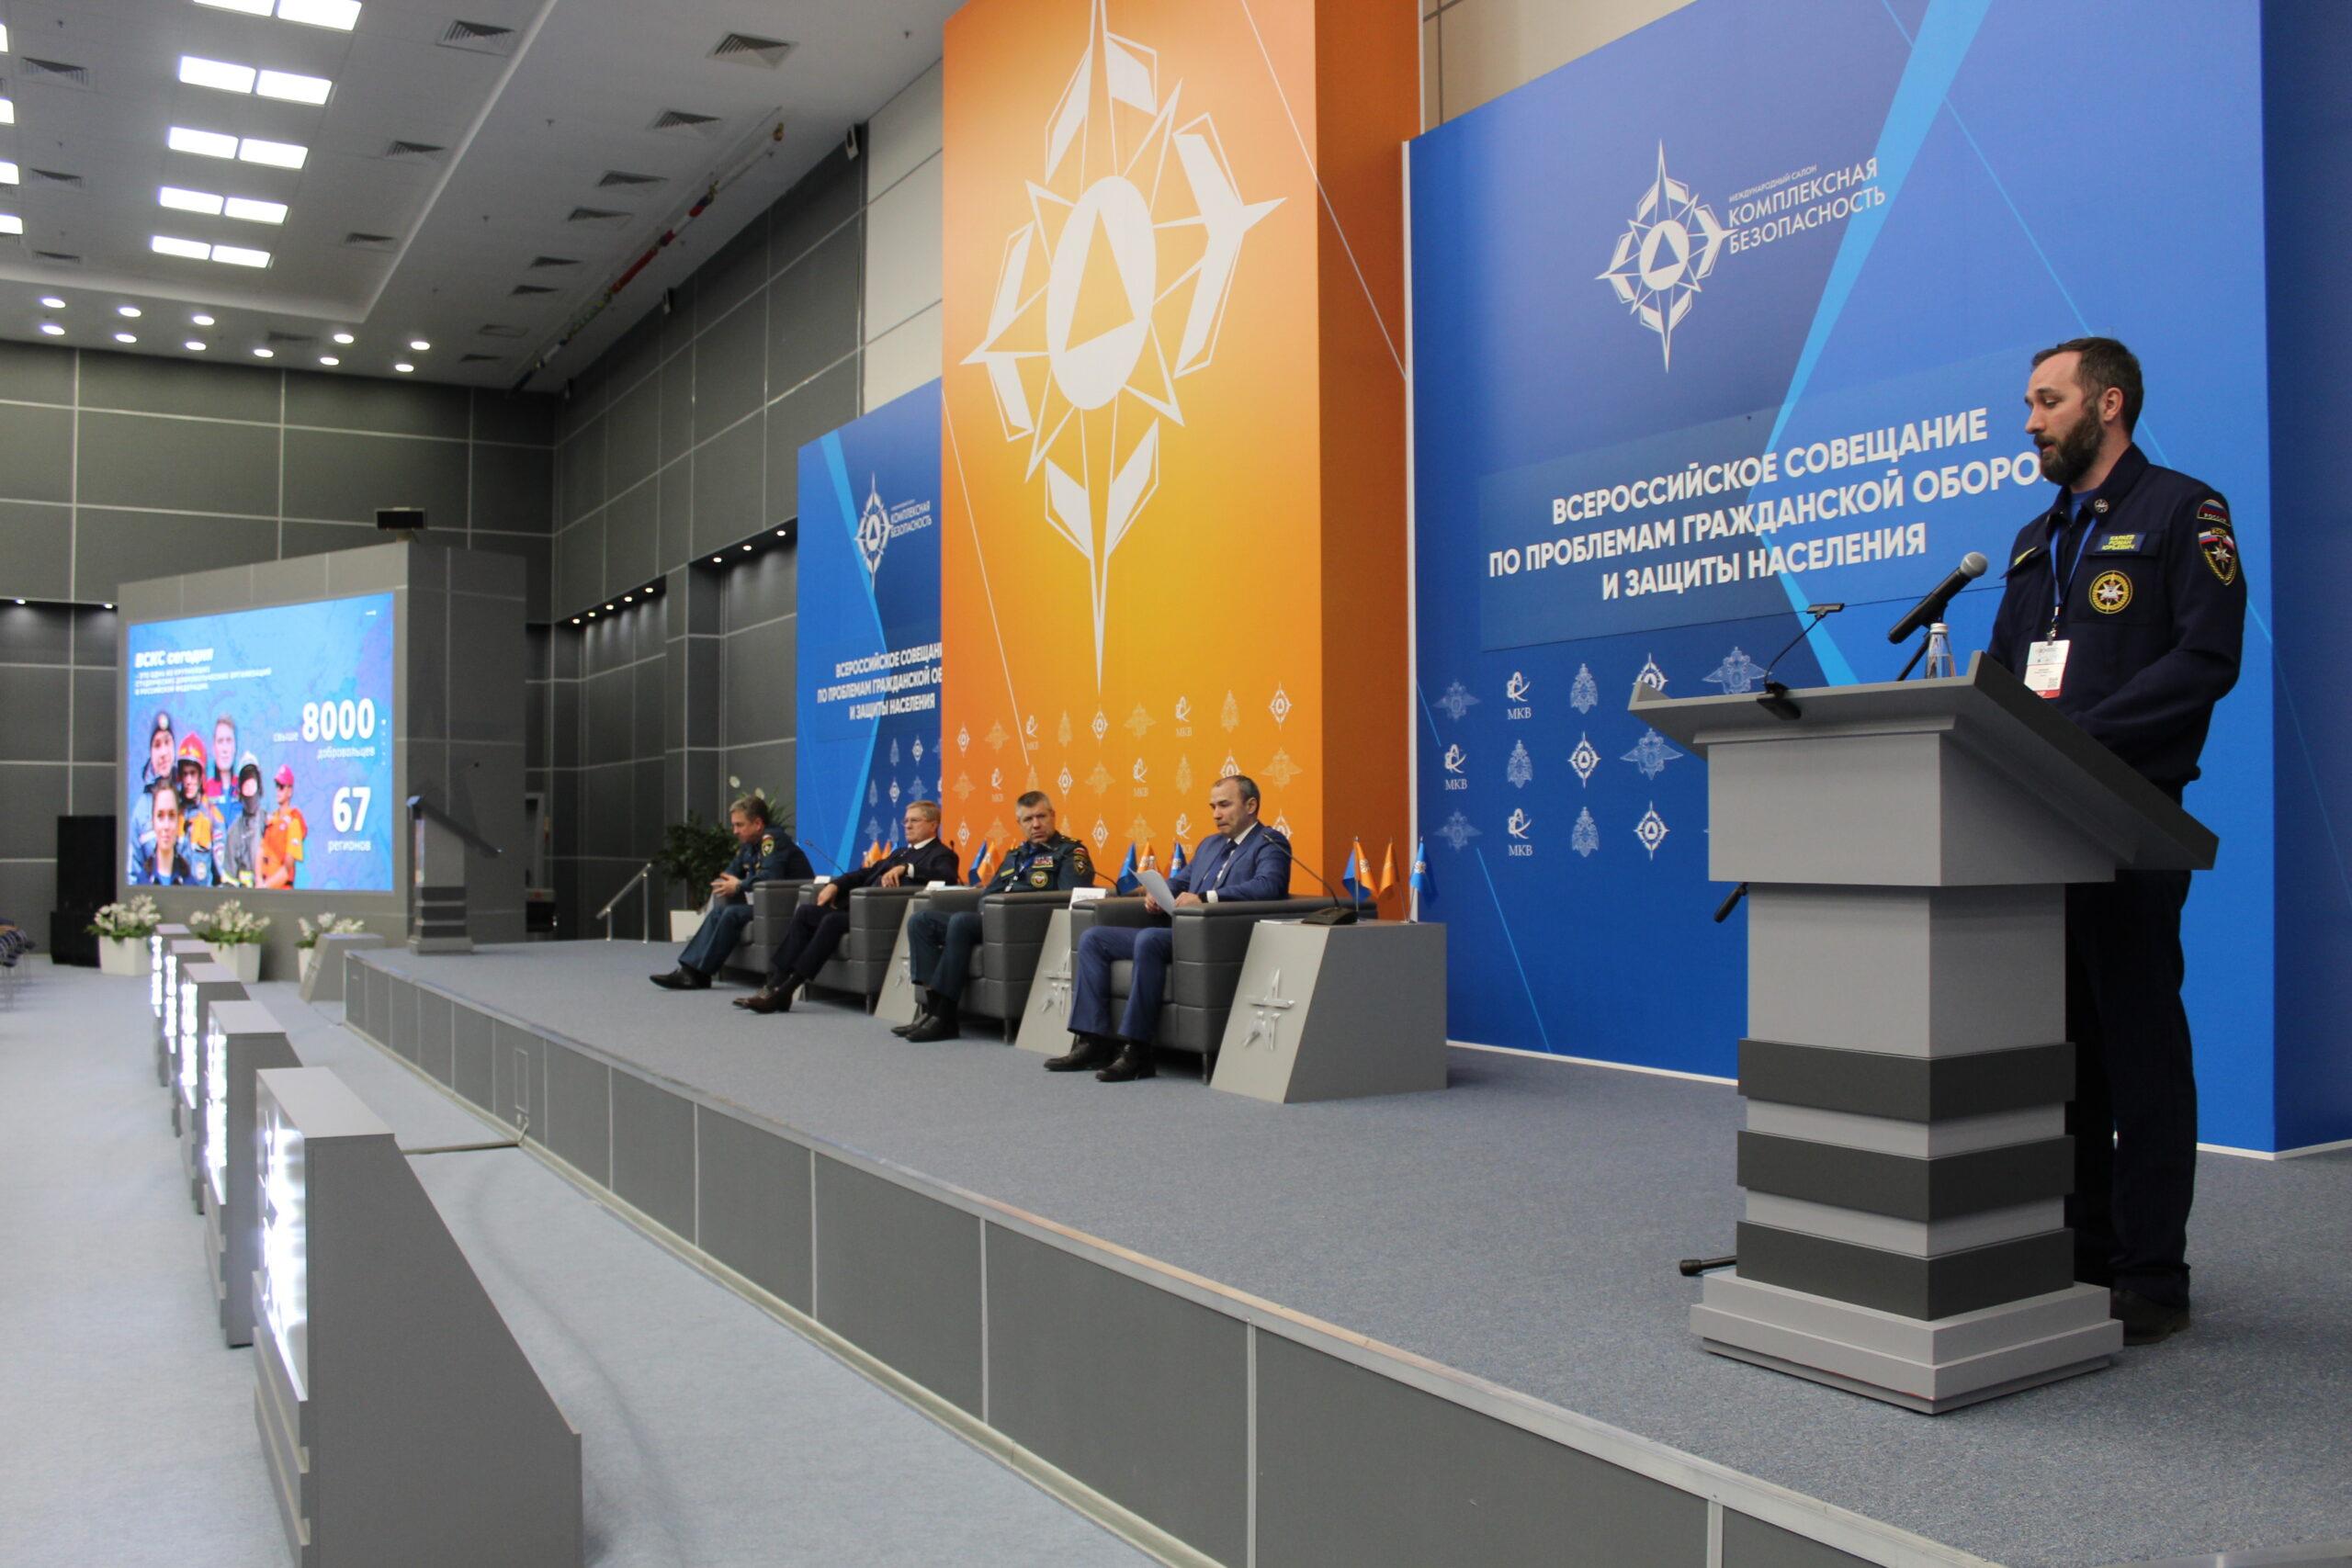 Заместитель директора ЯНЦ КМП по общим вопросам принял участие в совещании по проблемам гражданской обороны и защиты населения